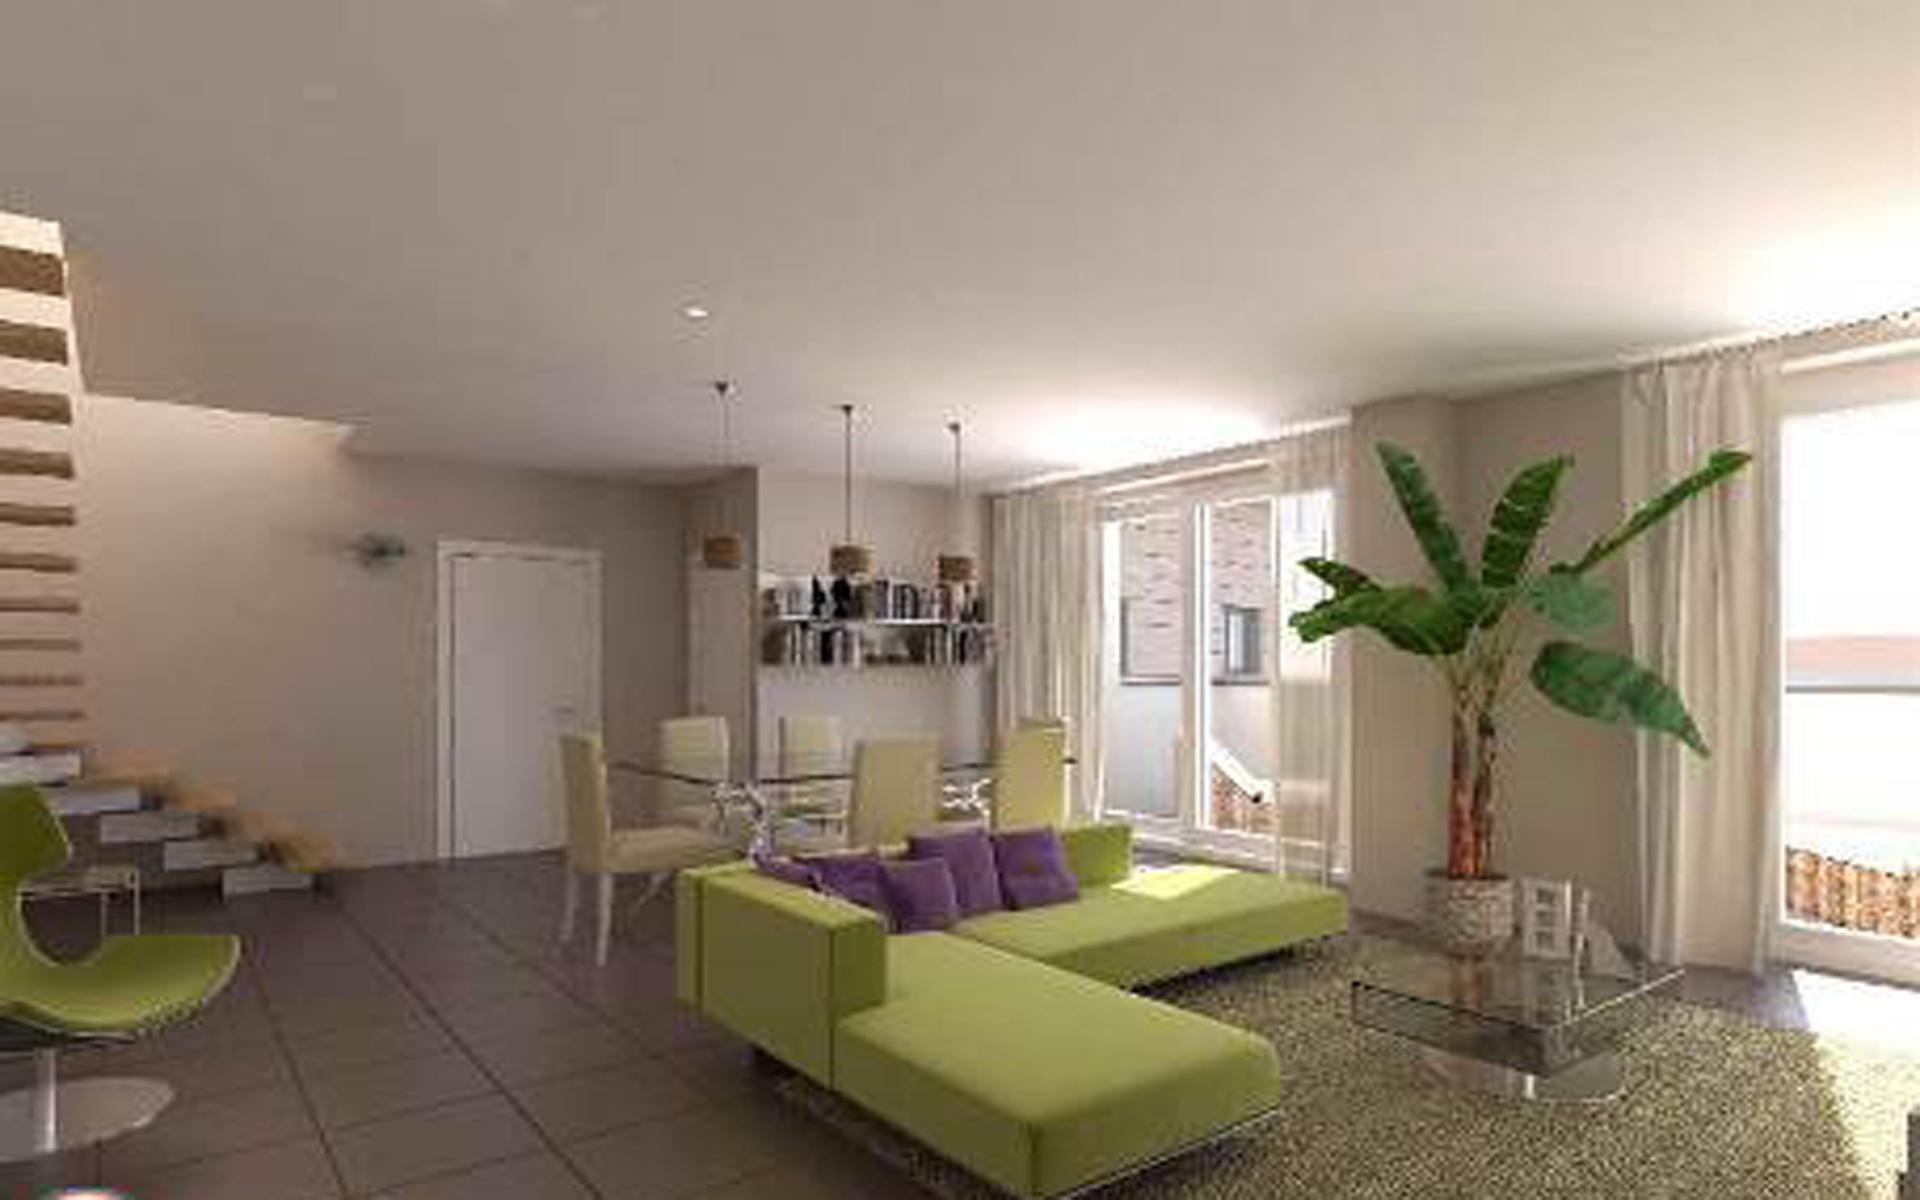 Residenza esiodo appartamenti a precotto bilocali for Immagini di appartamenti moderni